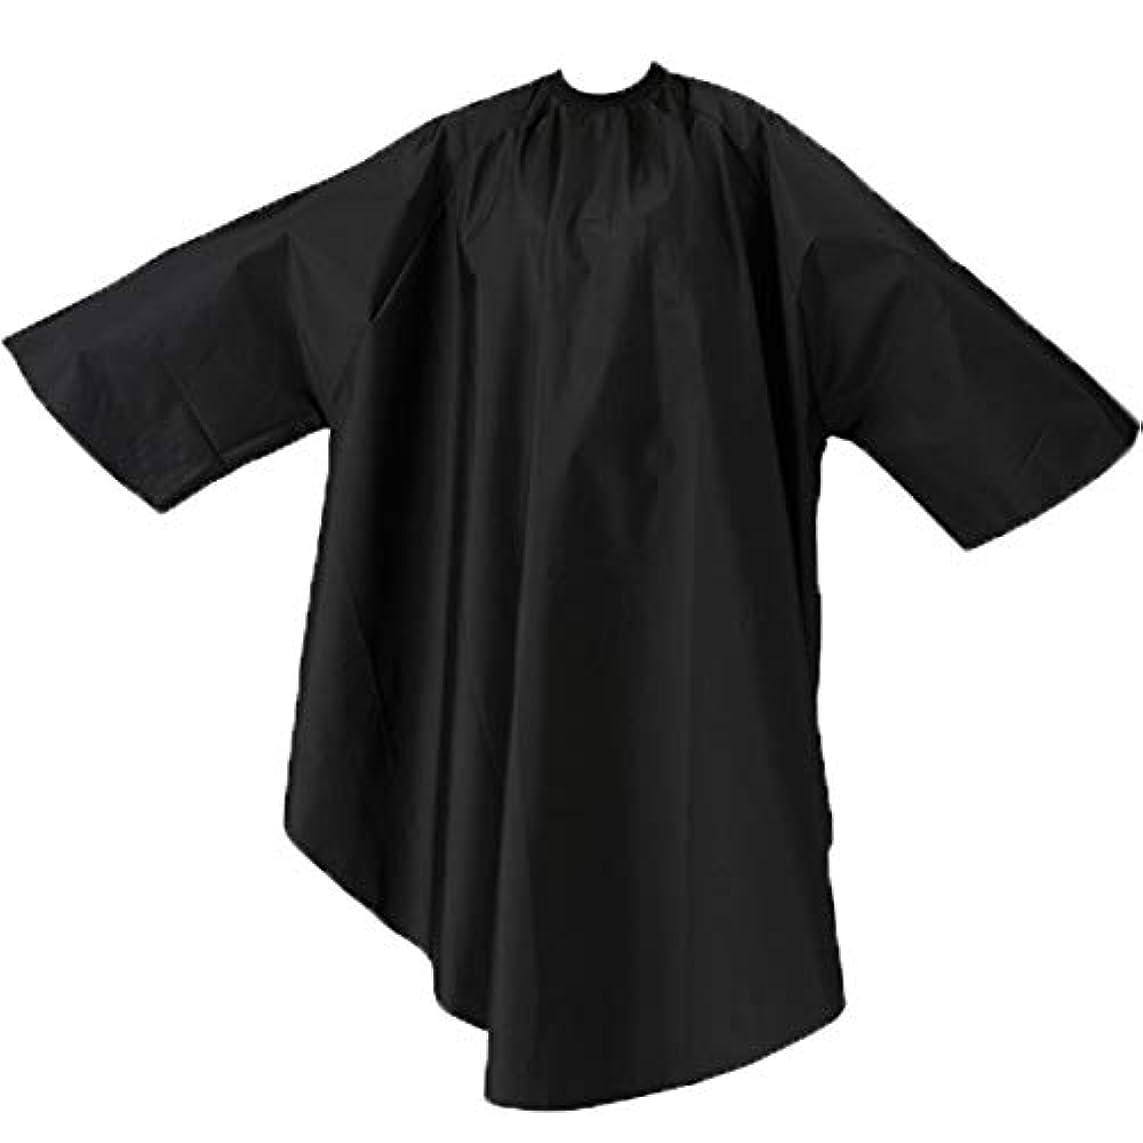 飢船尾材料エルコ 9762 ザ?クロス SKITT II 袖付 ヘアダイ&カットクロス ナイロン100% ヘアカラー/散髪ケープ/カットクロス/刈布 ELCO (首回り52cm, ブラック)